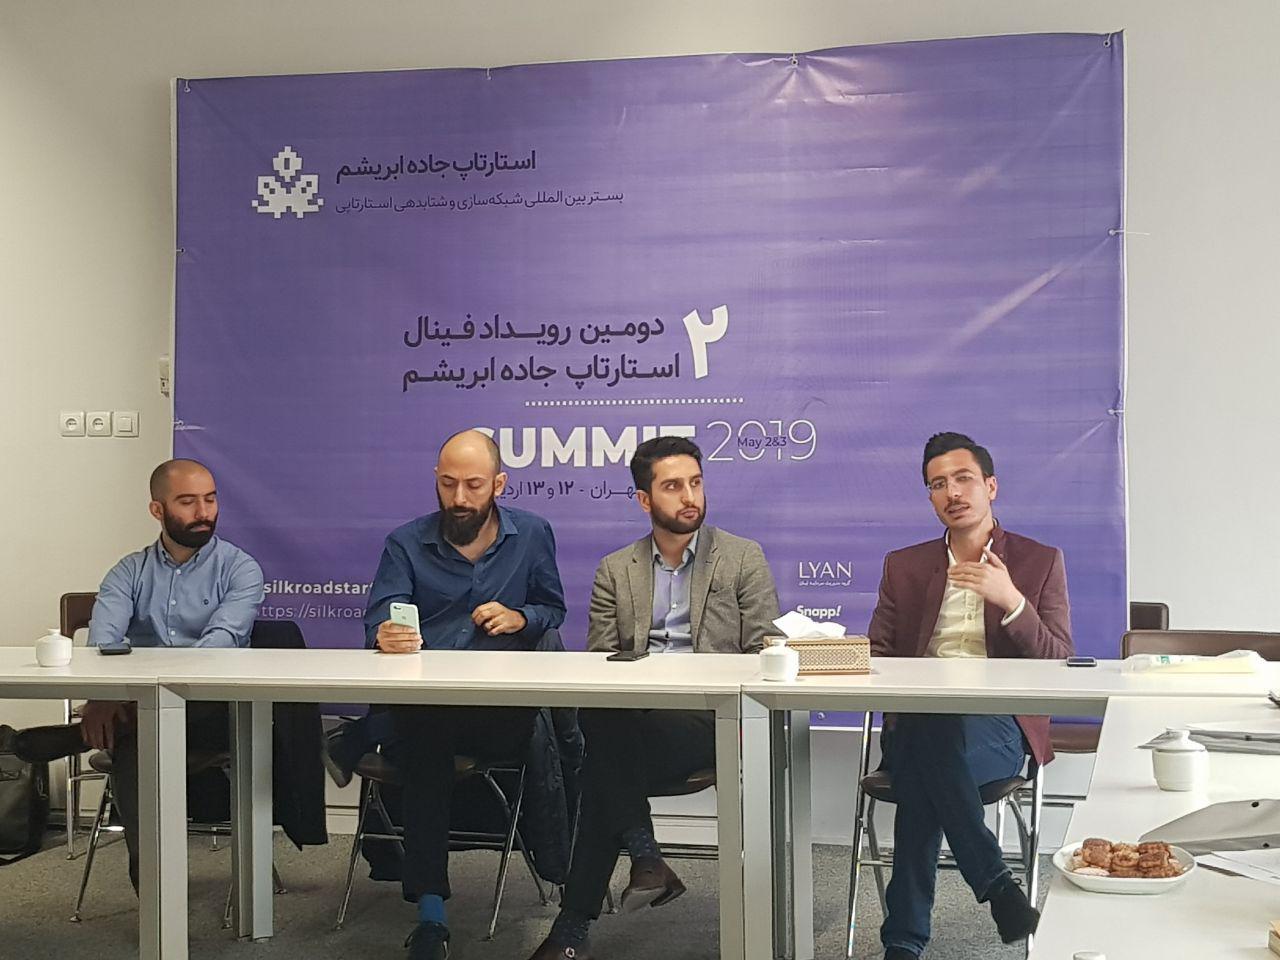 دومین دوره فینال رویداد استارتاپ جاده ابریشم در تهران برگزار میشود